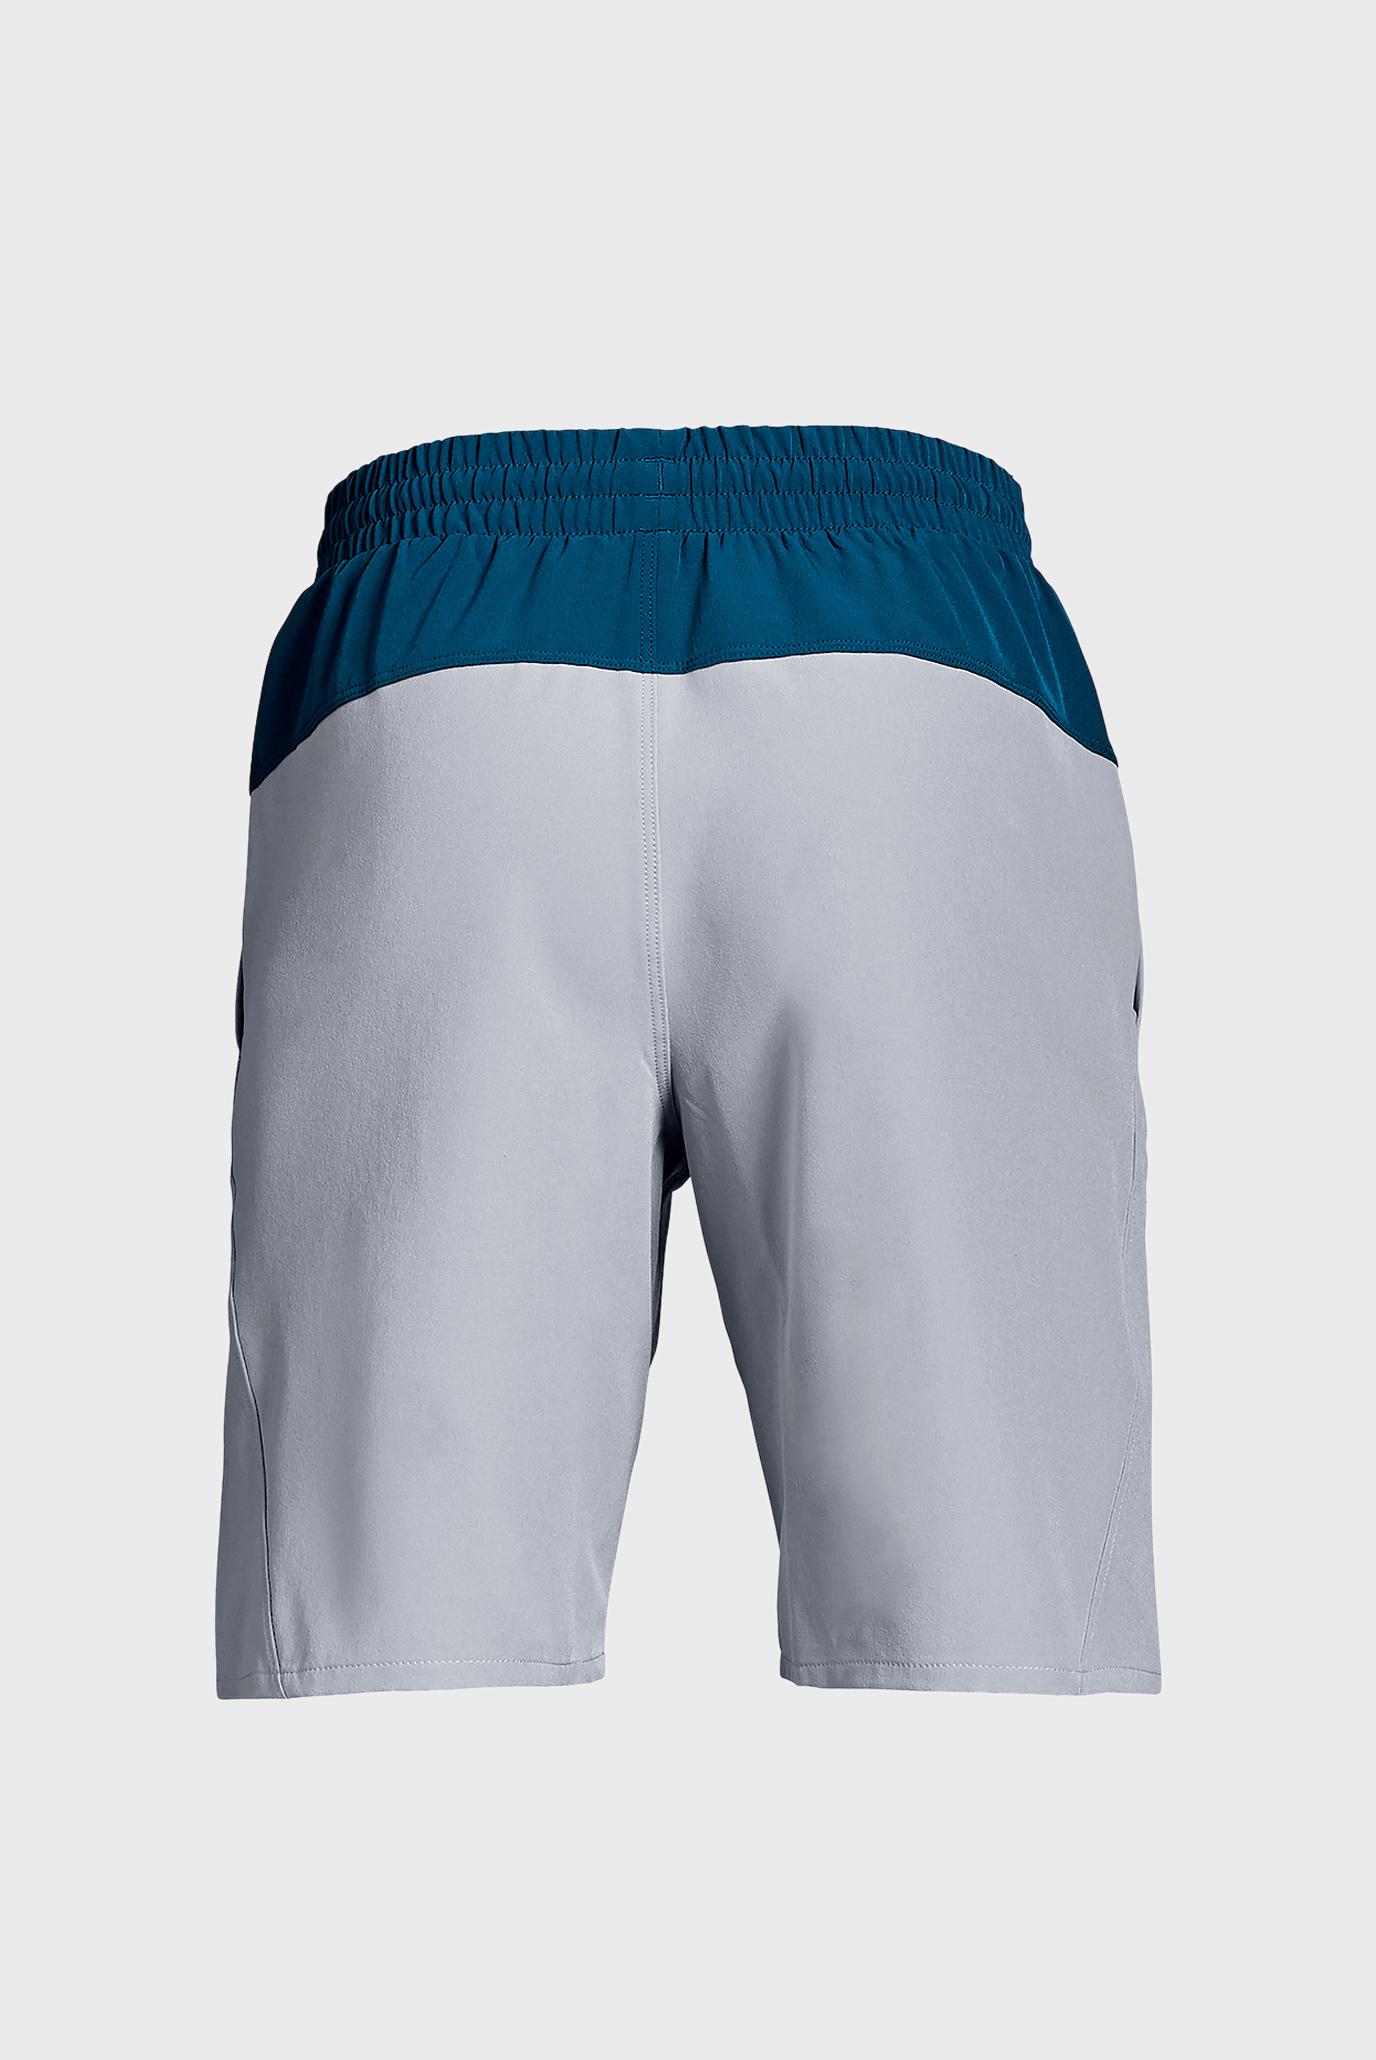 Купить Детские серые шорты Splash Under Armour Under Armour 1328987-011 – Киев, Украина. Цены в интернет магазине MD Fashion